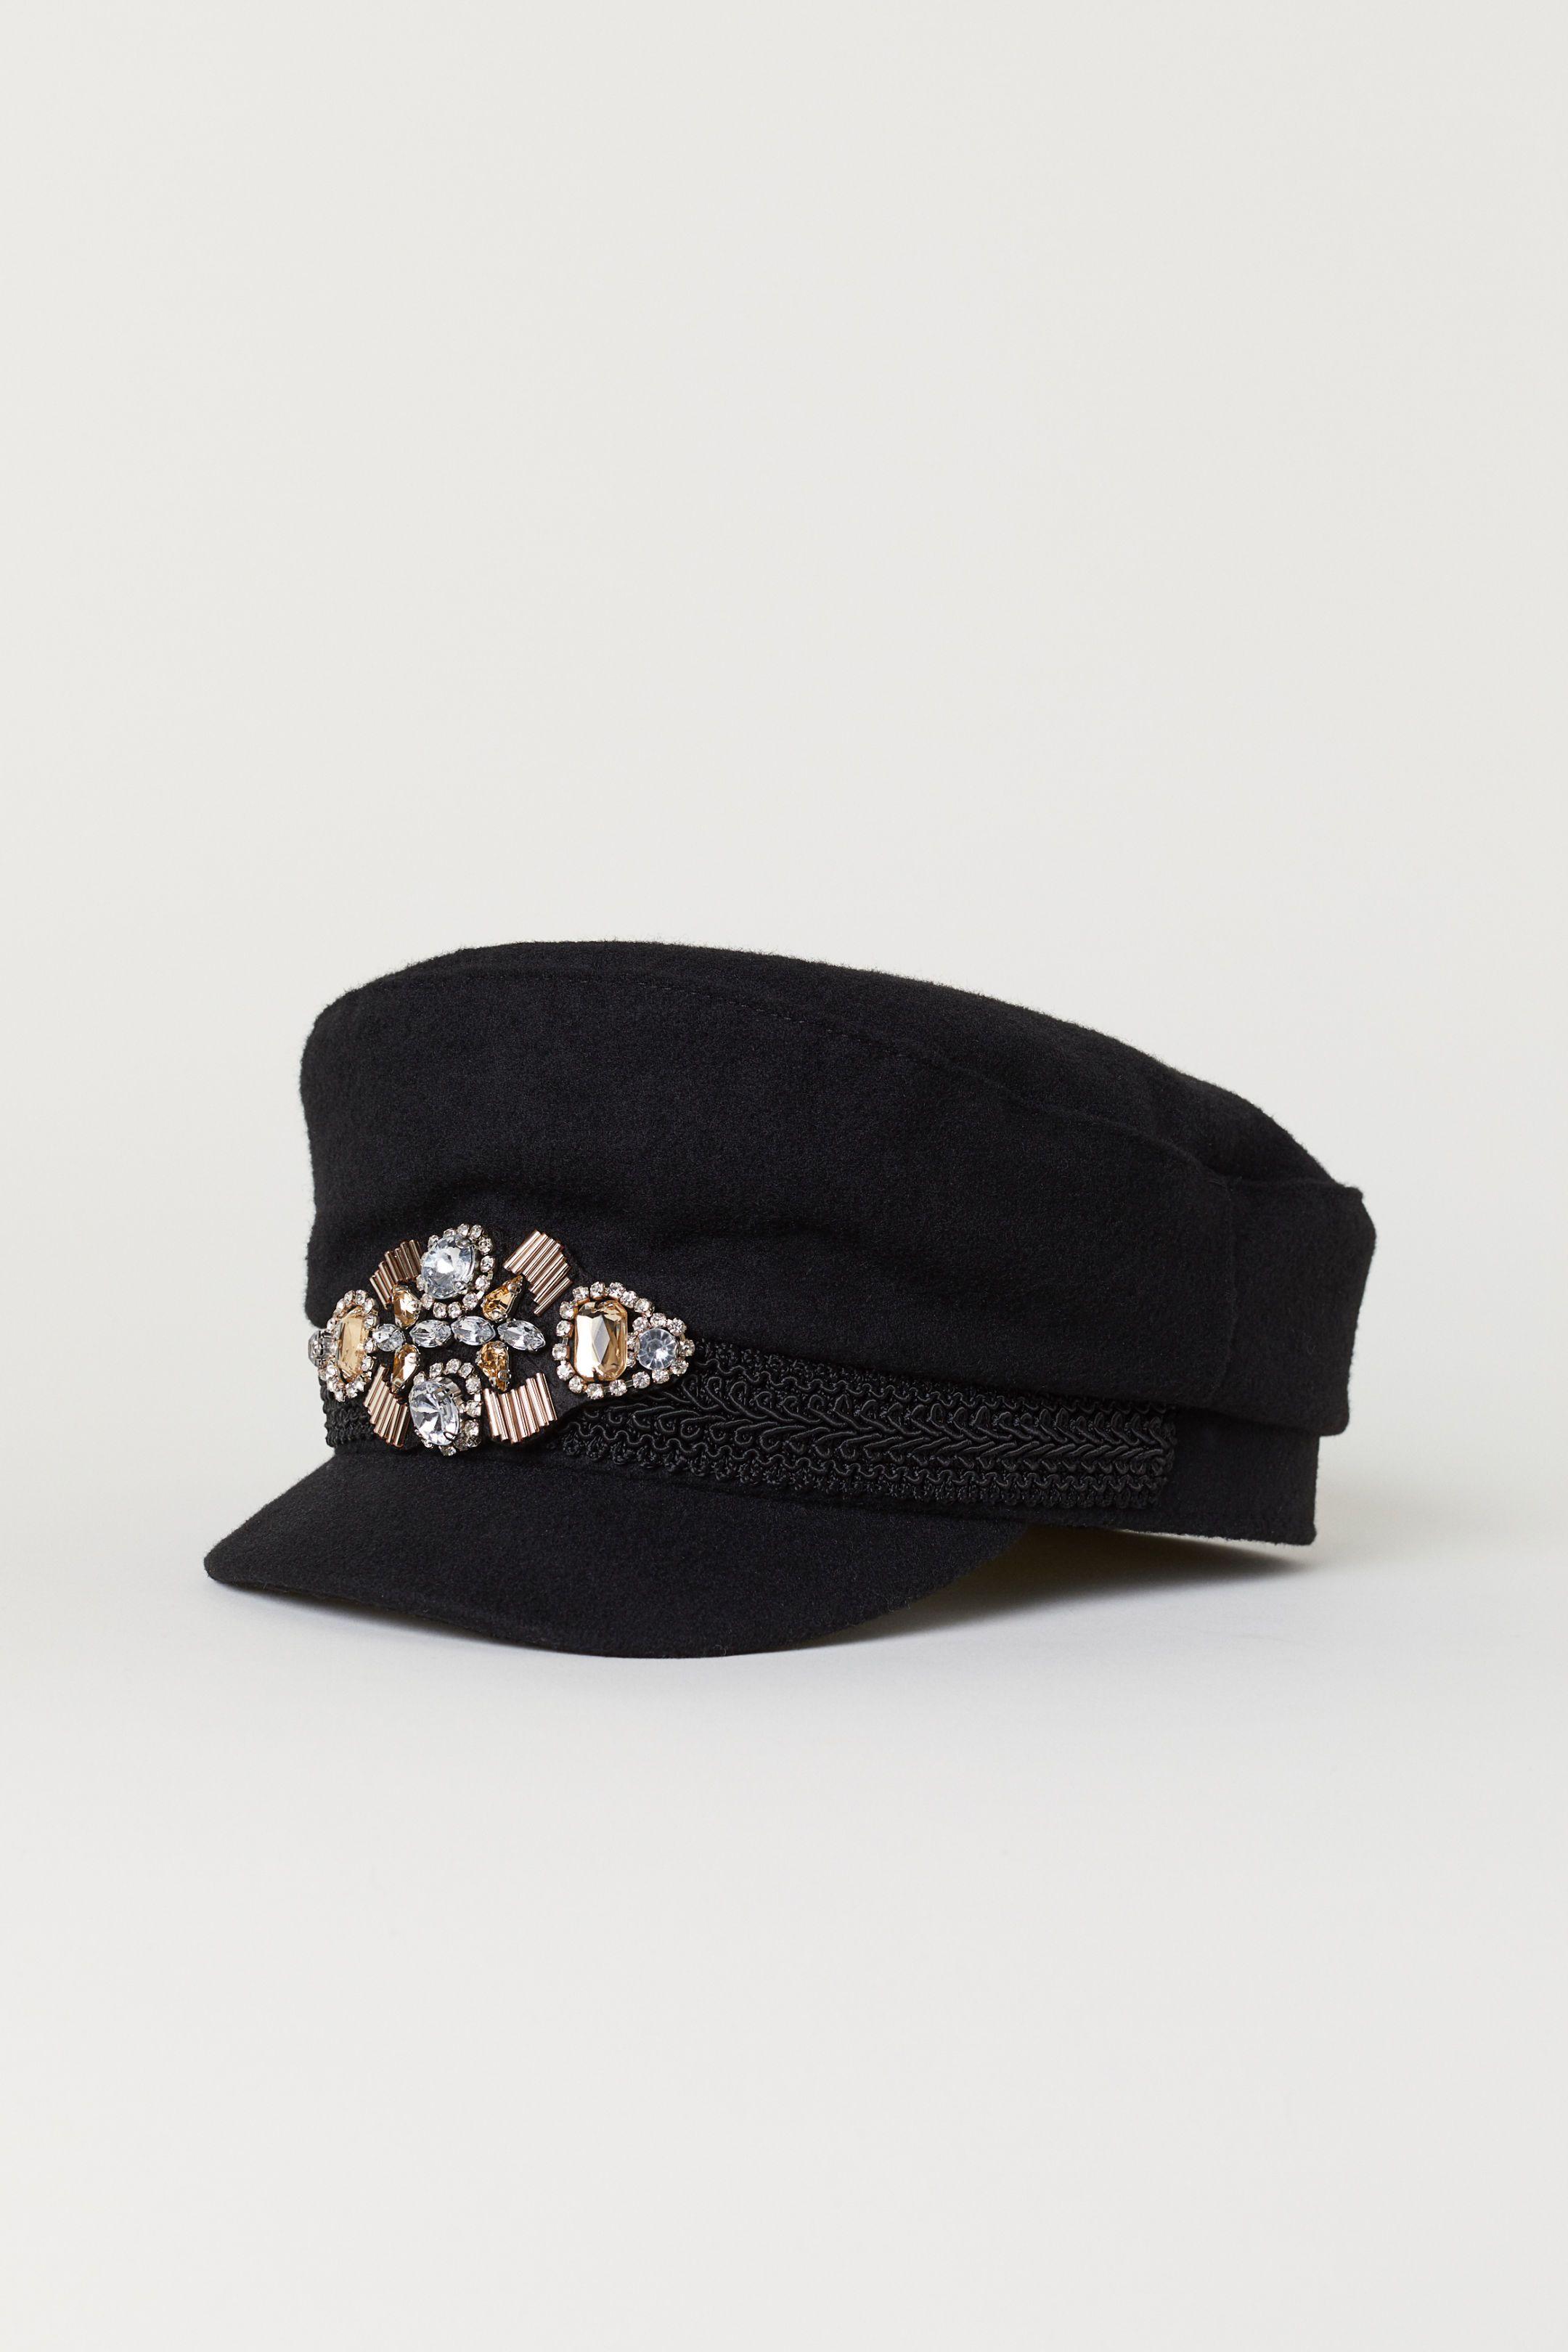 Bead-appliquéd Captain s Cap - Black - Ladies  d42ac3d0d8f2